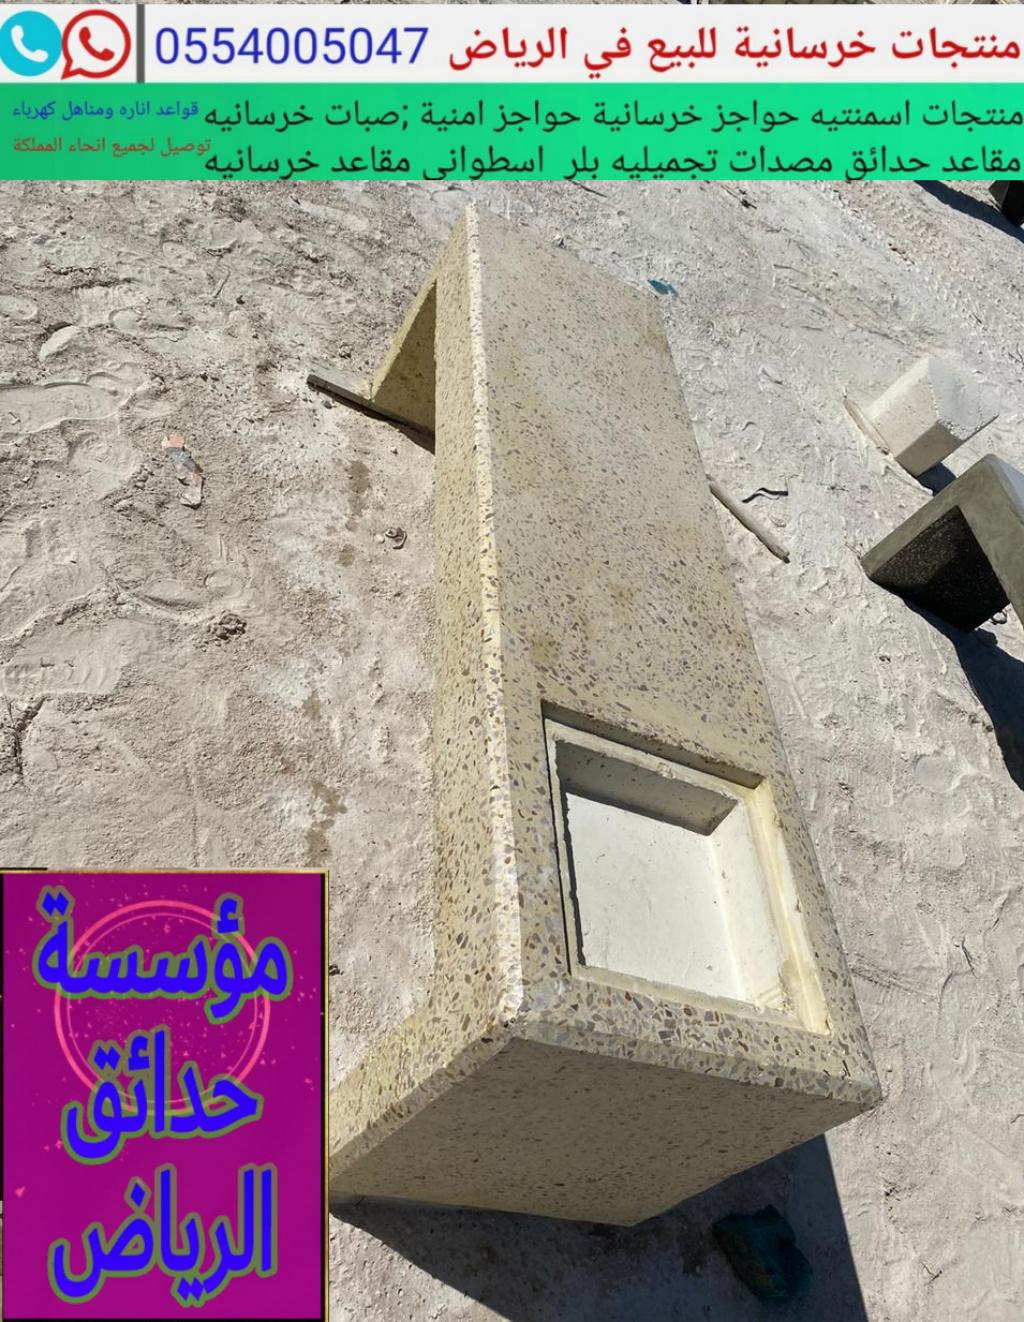 +حواجز تنظيمية بيع وتأجير في الرياض 0554005047 حواجز تنظيمية للبيع في الدمام  - صفحة 3 P_1755xjnds1